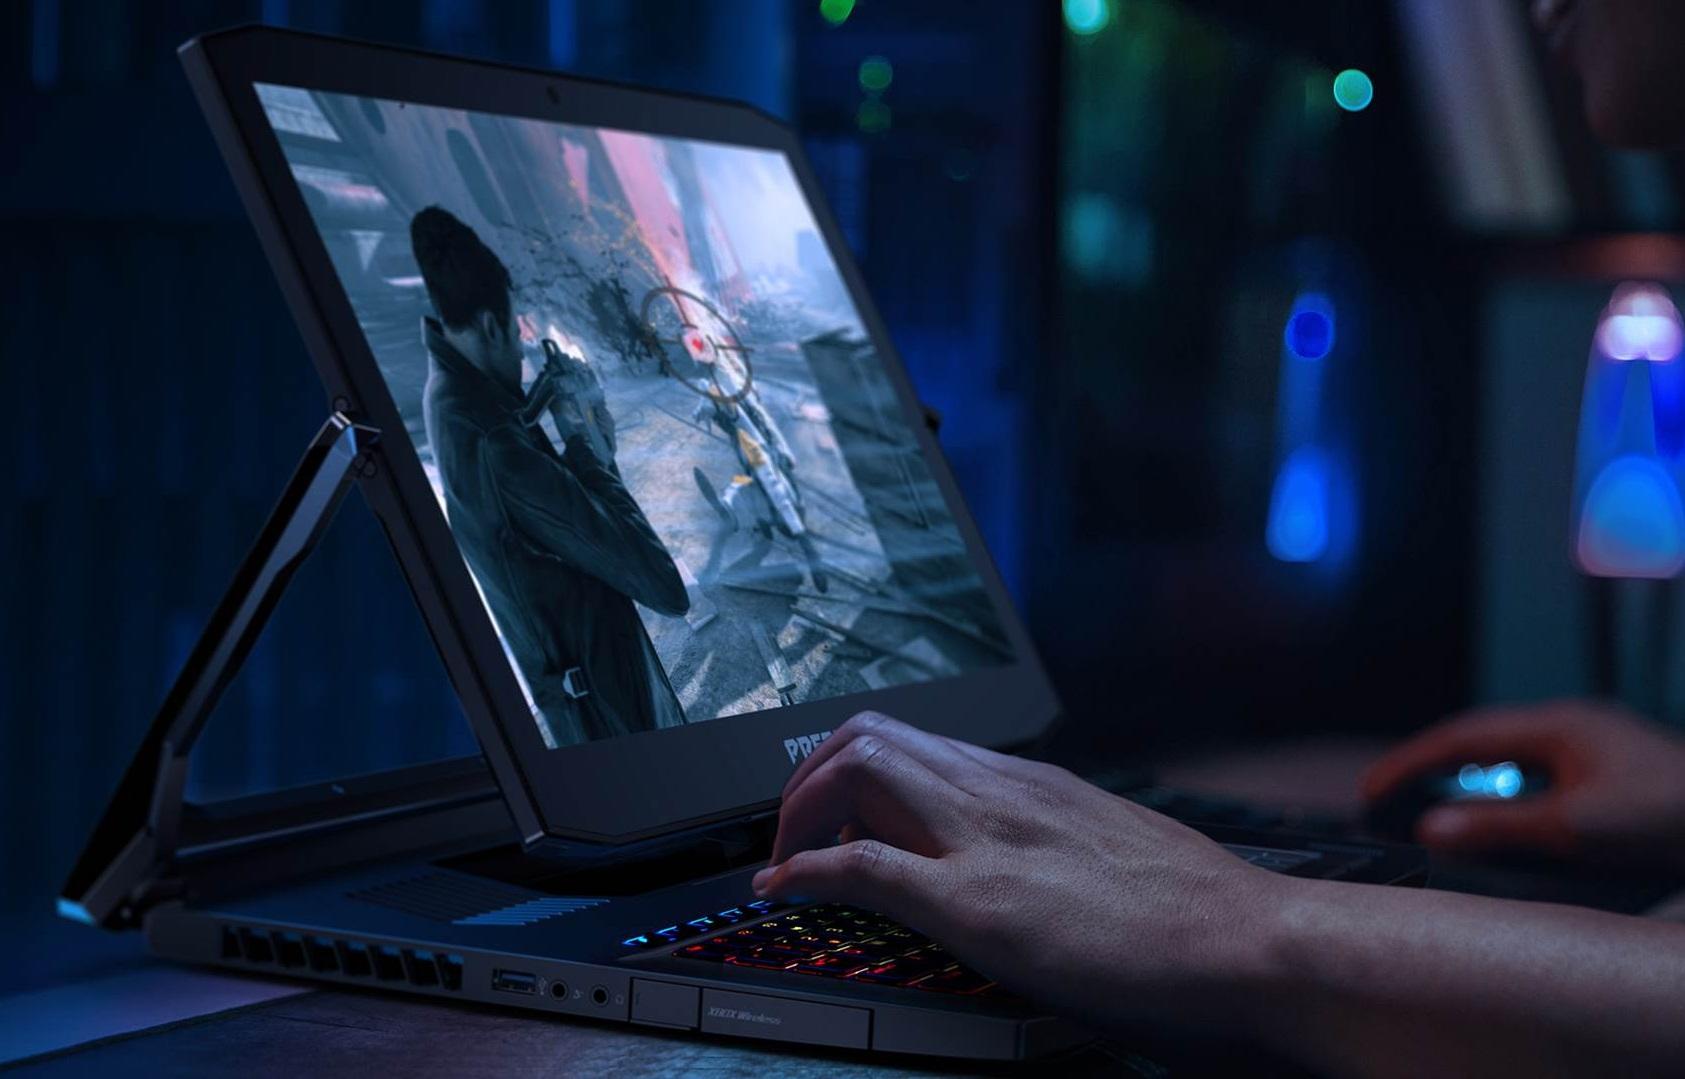 Acer Predator стал официальным ПКтурнира Intel Extreme Masters